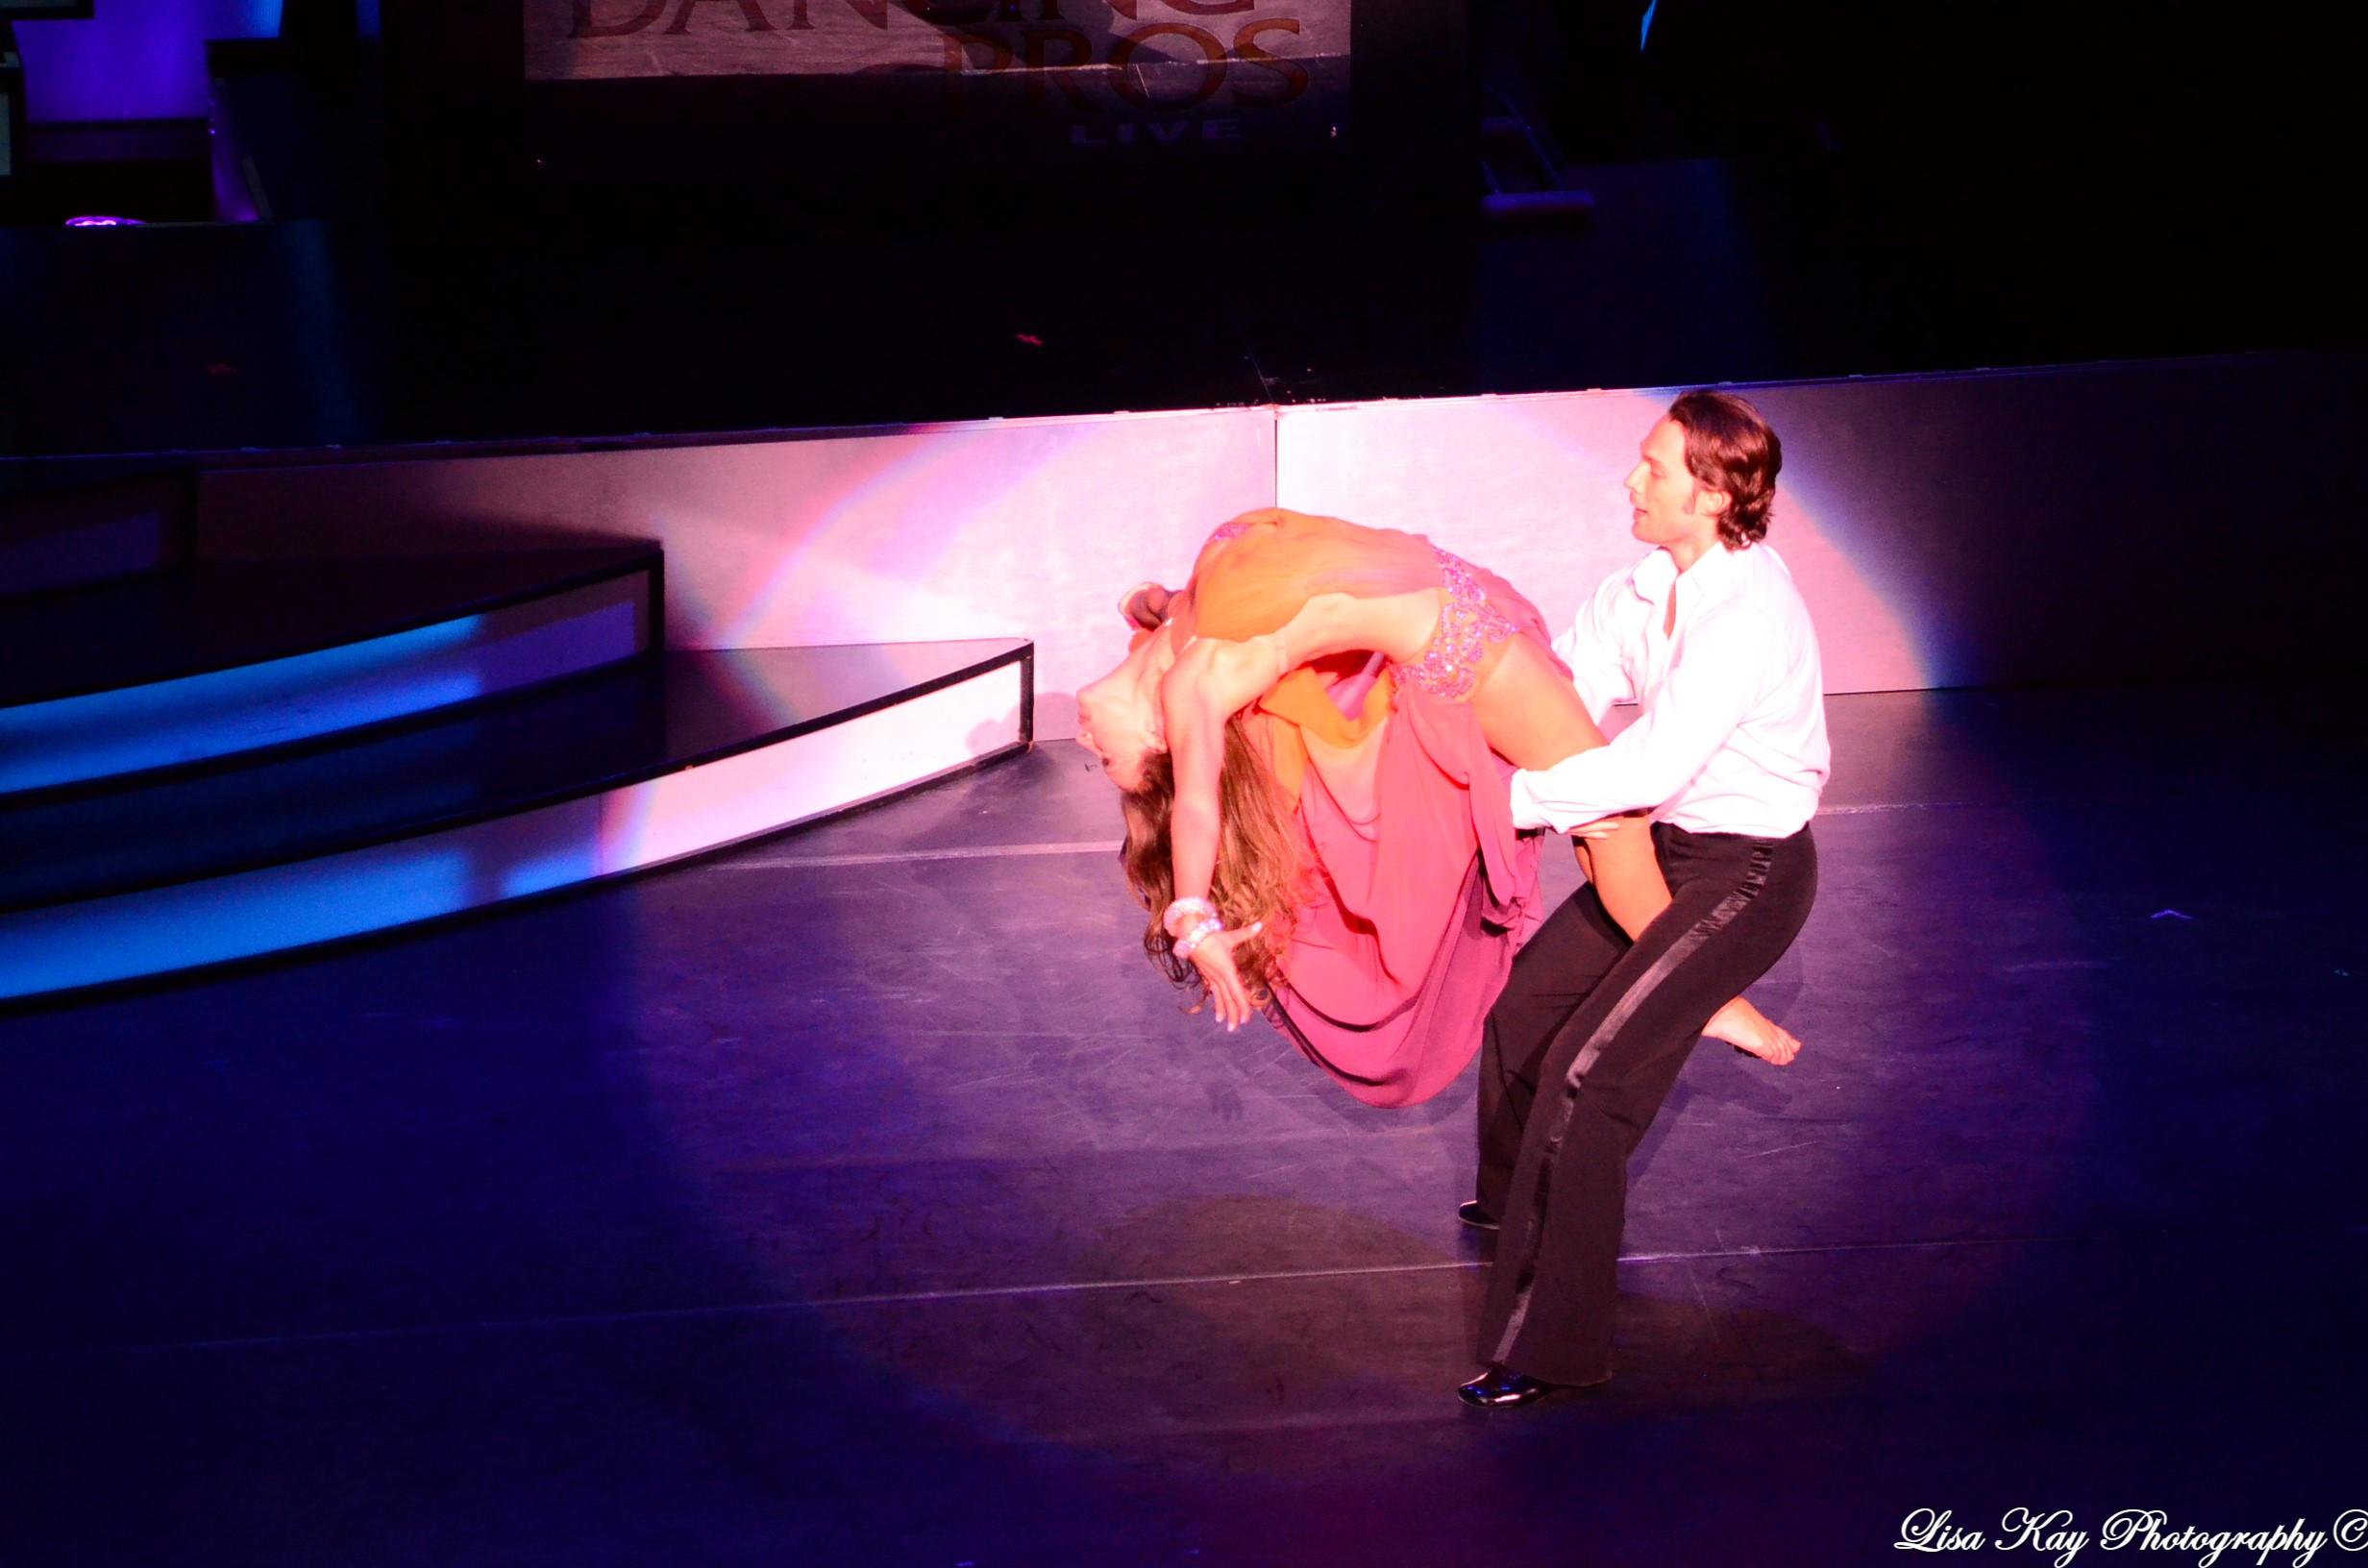 DancingProsLive 3067